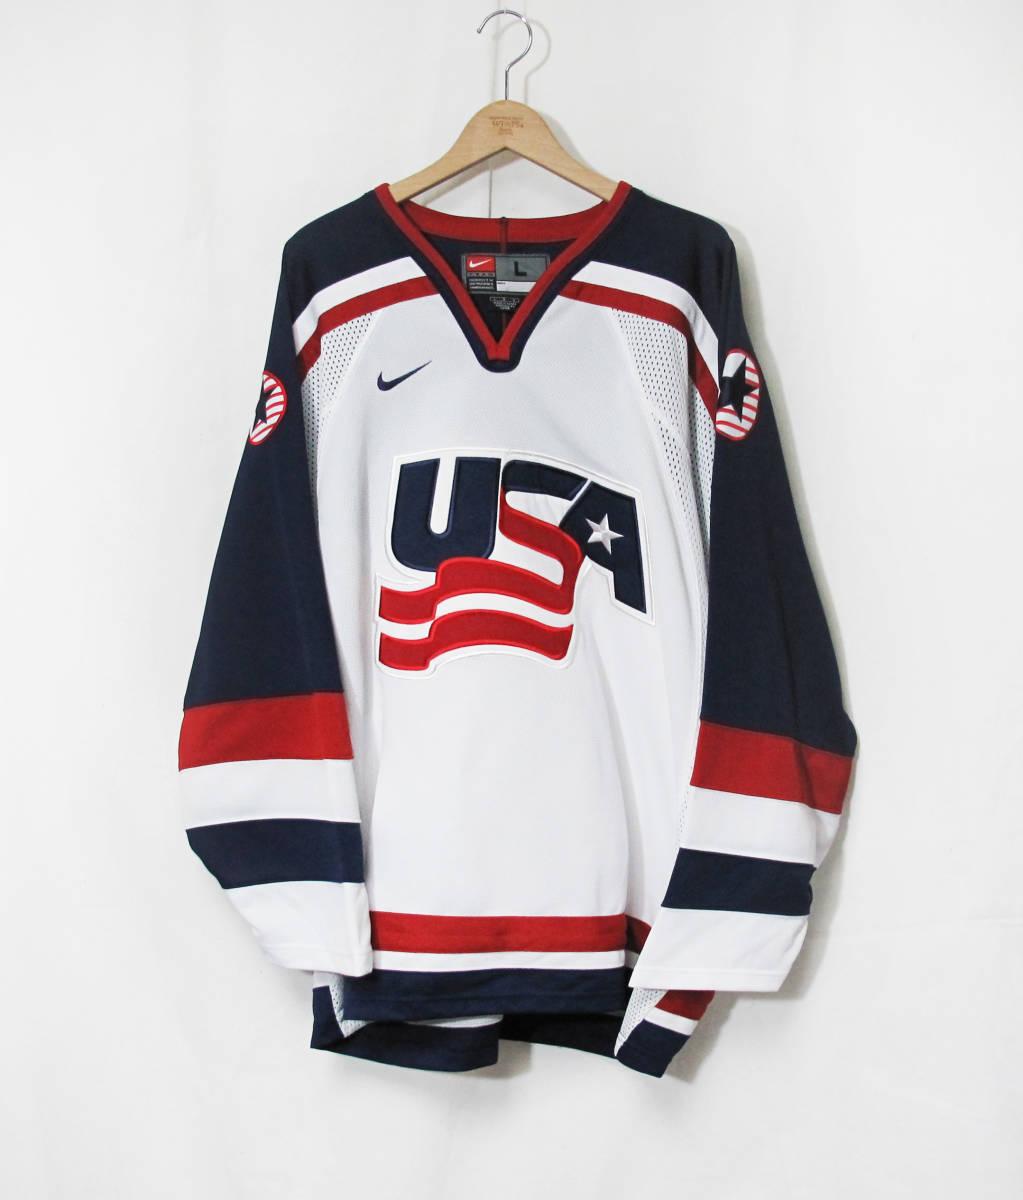 新品 NIKE 『TEAM USA』 ジャージ 海外限定 ナイキ NHL ICE HOCKEY アイスホッケー HIP HOP STANLEY CUP ALL-STARS